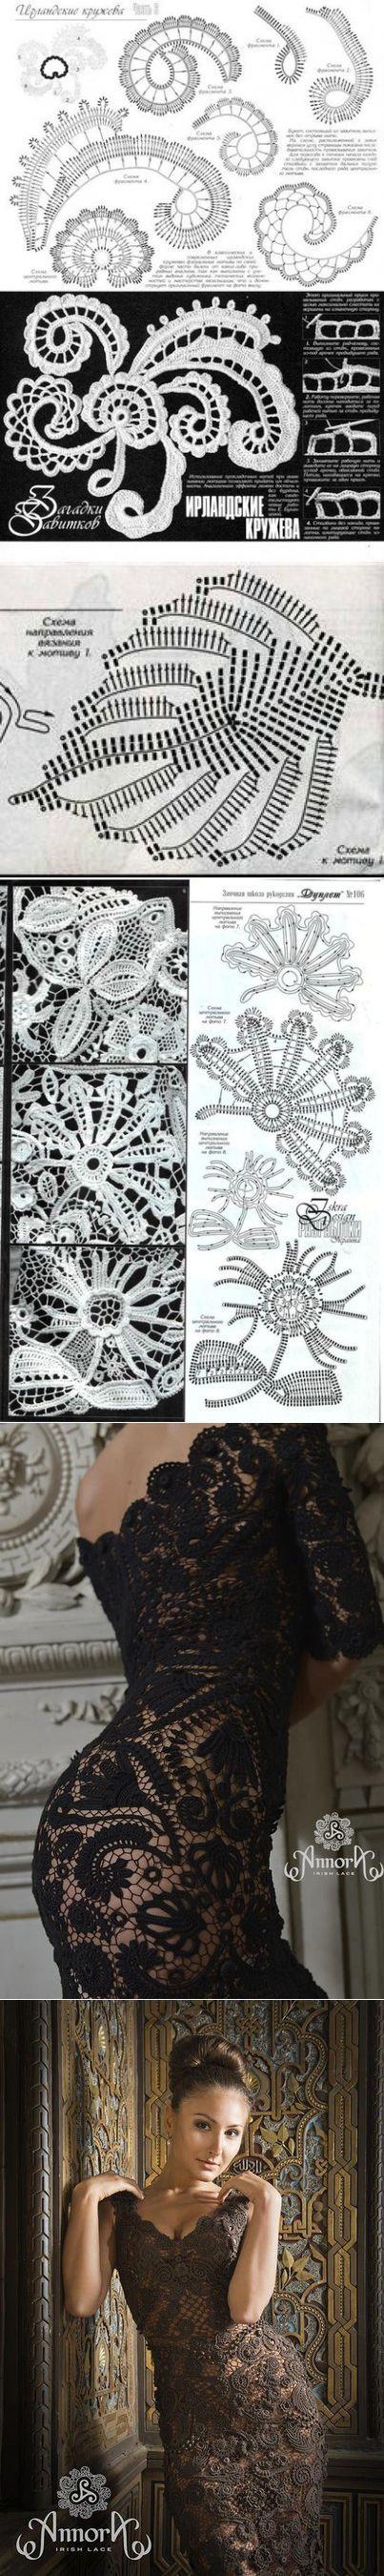 Дизайнерские вечерние пллатья в технике ИК. Кружевное платье ирландским вязанием ...<3 Deniz <3